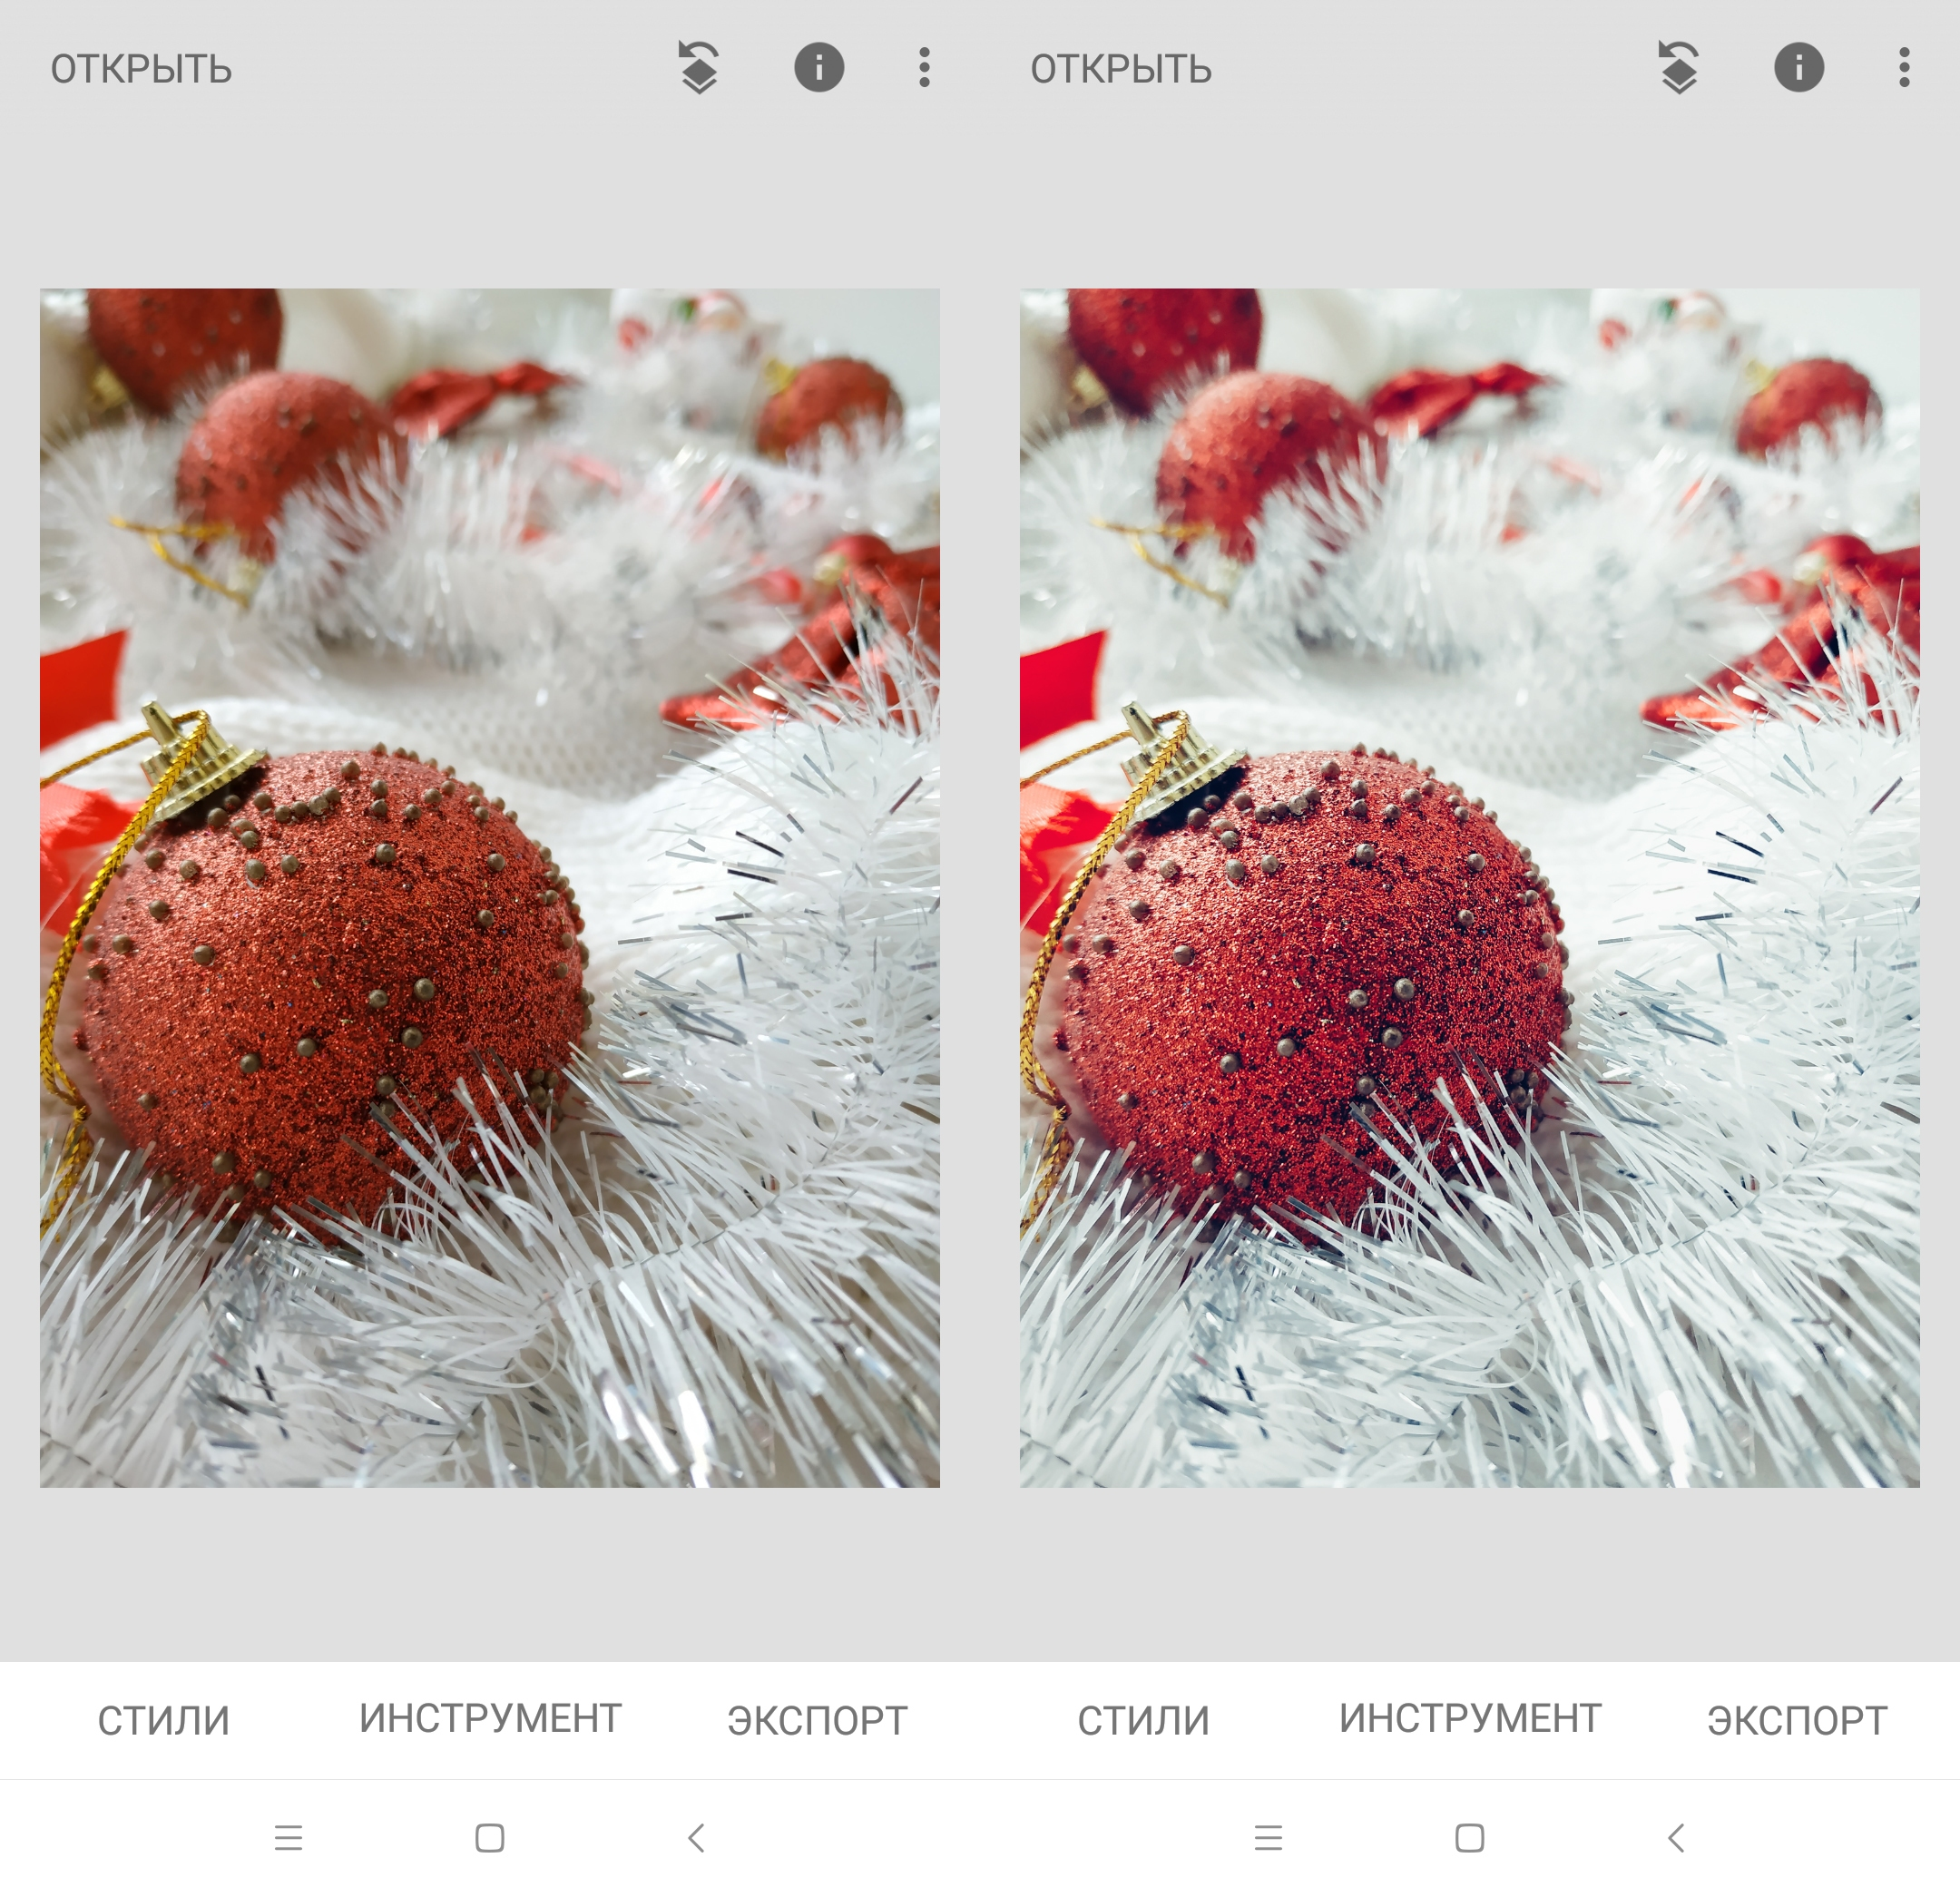 пример обработки фотографии до и после